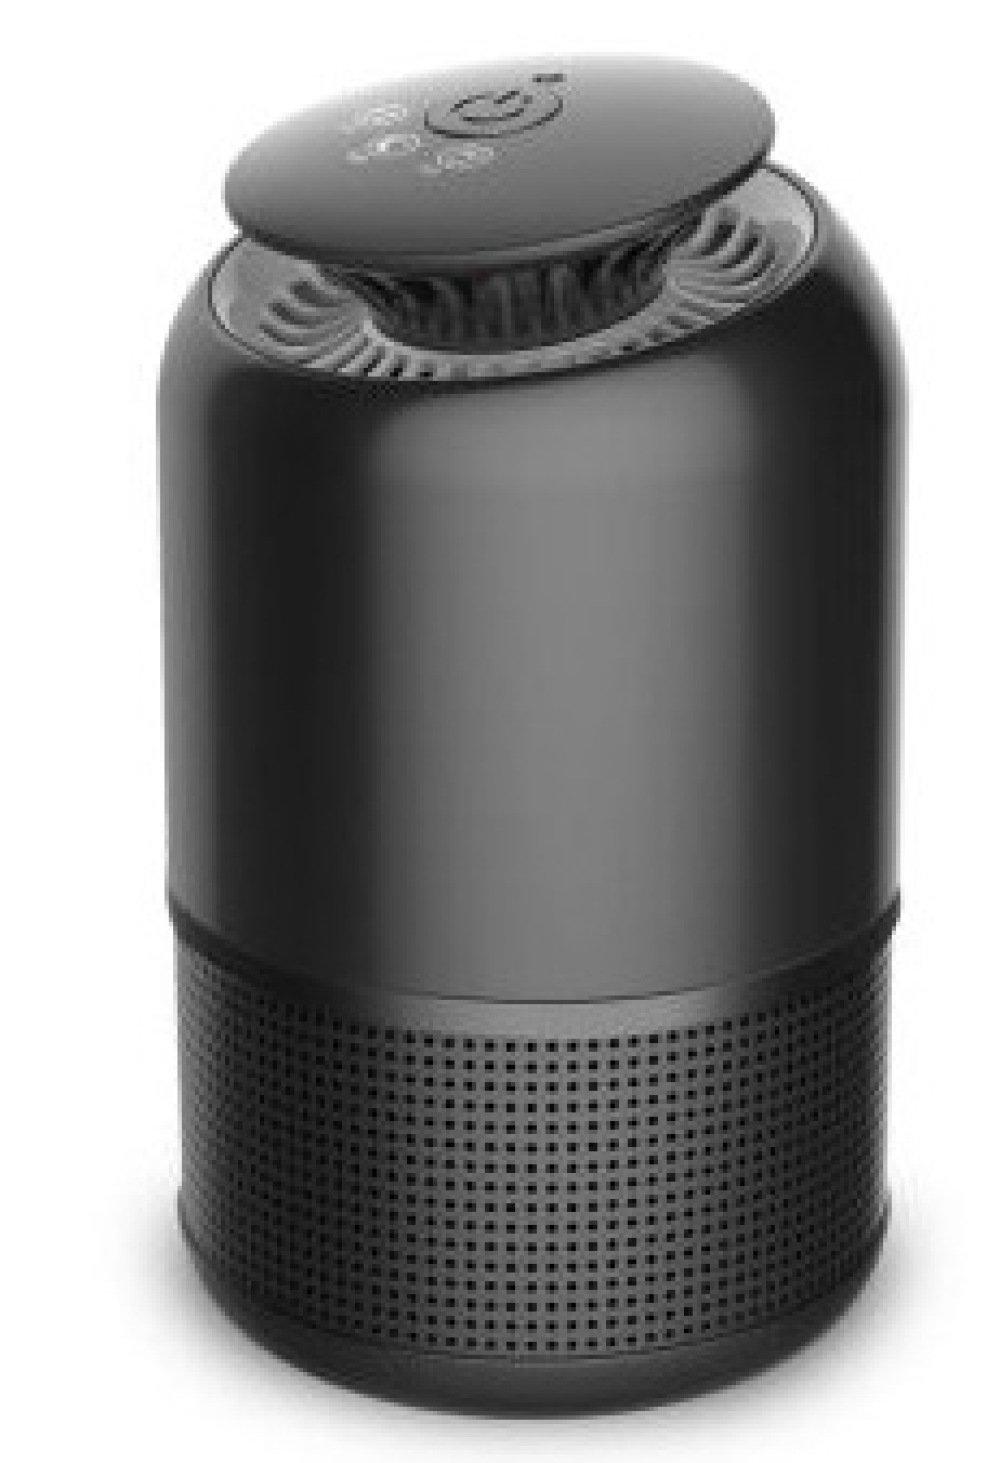 comprare a buon mercato Lampada LED Anti-zanzara Senza Radiazioni USB USB USB Alimentato Non Tossico UV LED Insect Killer Trappola Per Zanzare Bug Zapper Indoor,nero  servizio onesto